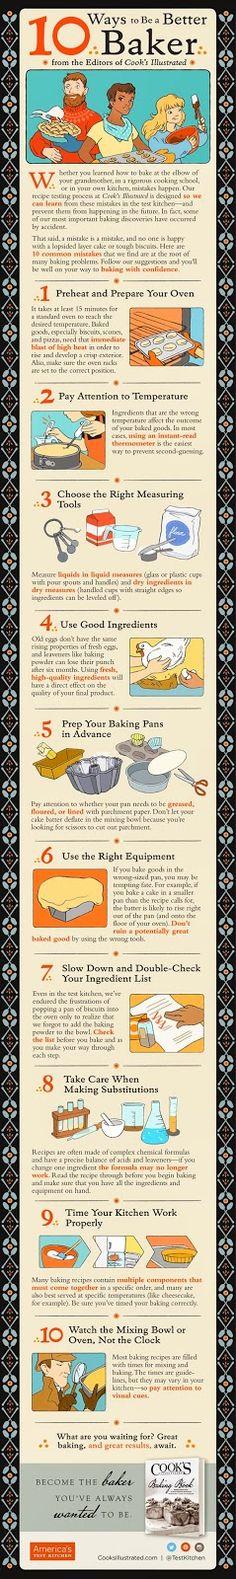 Le défi pâtissier: Comment devenir un meilleur pâtissier en 10 leçons